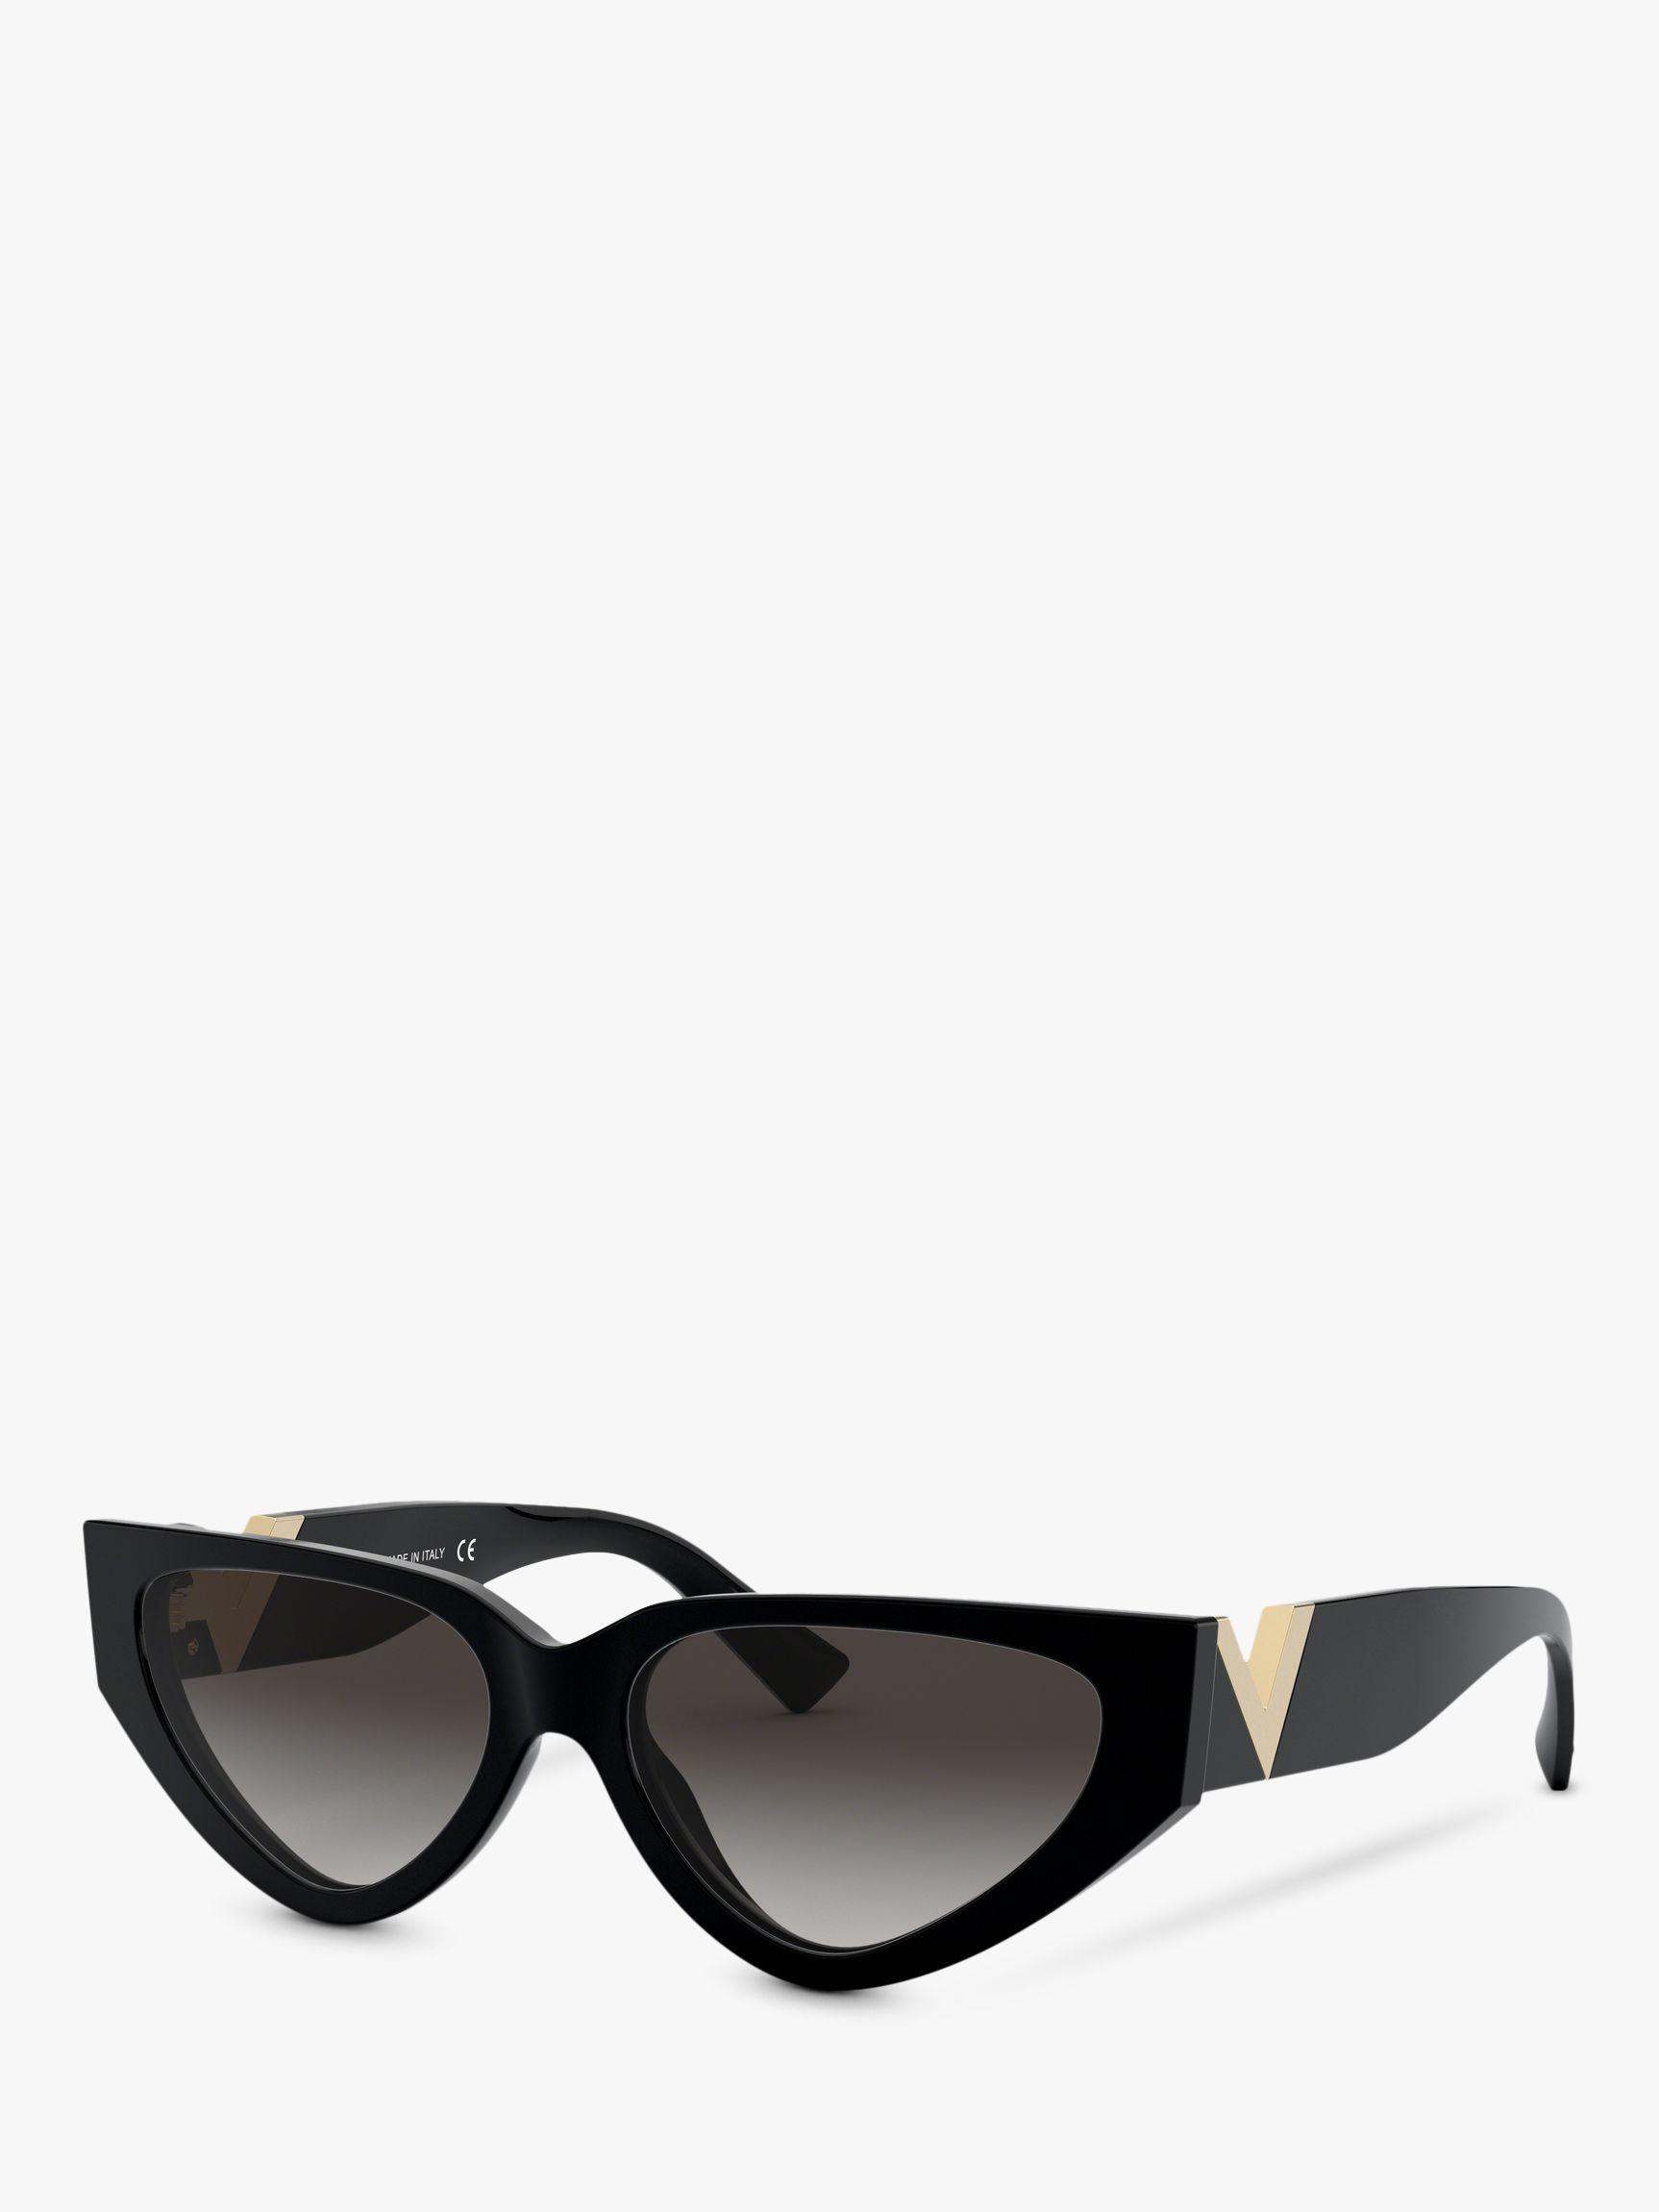 Valentino Valentino VA4063 Women's Irregular Cat's Eye Sunglasses, Black/Grey Gradient